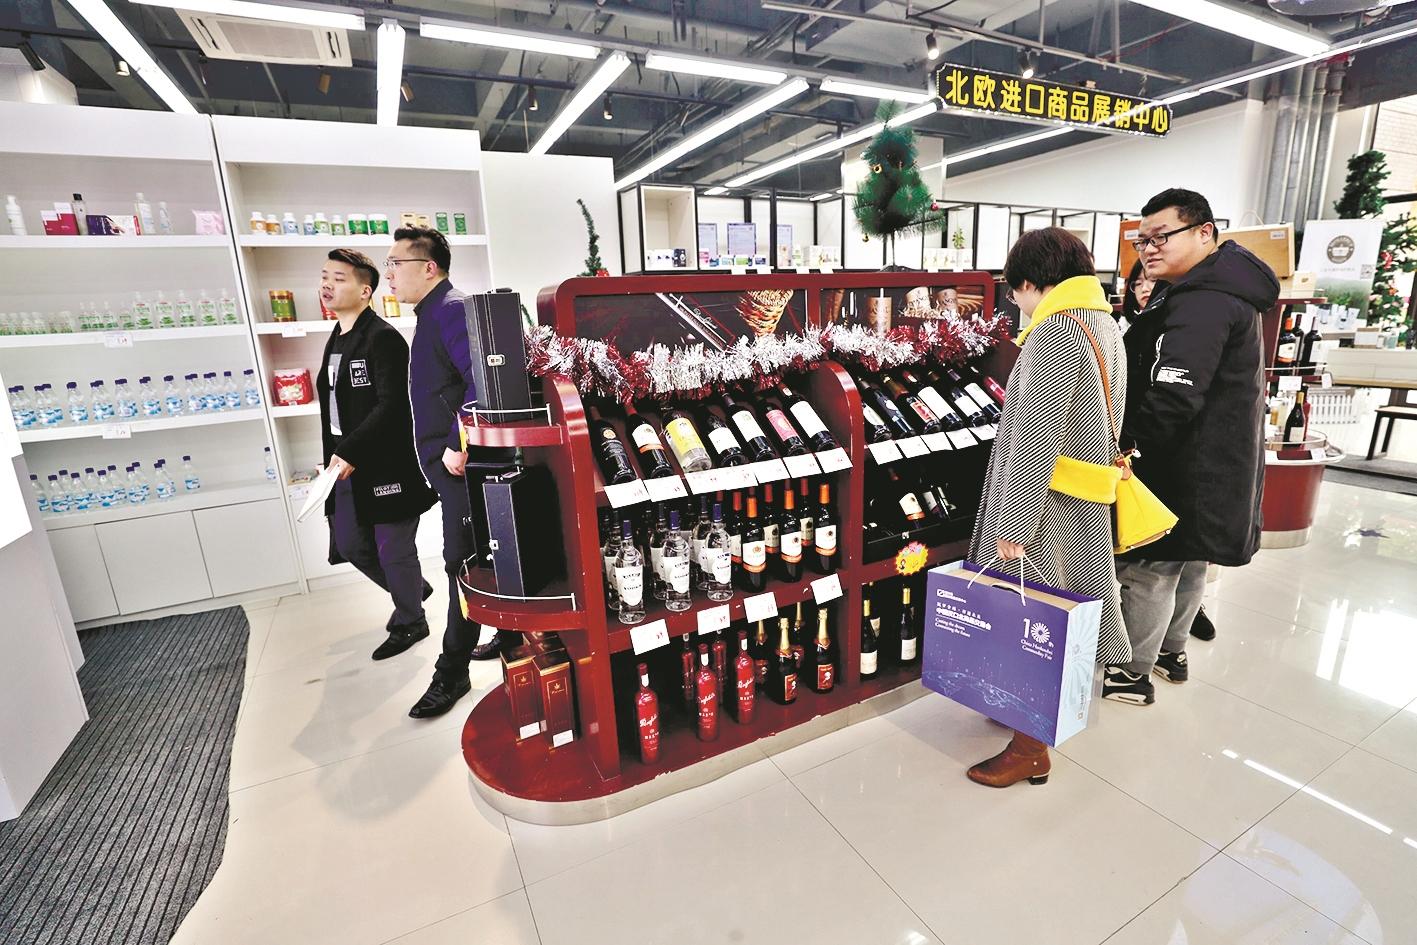 第十届汉口北商品交易会开幕 外商借力汉交会进军国内市场